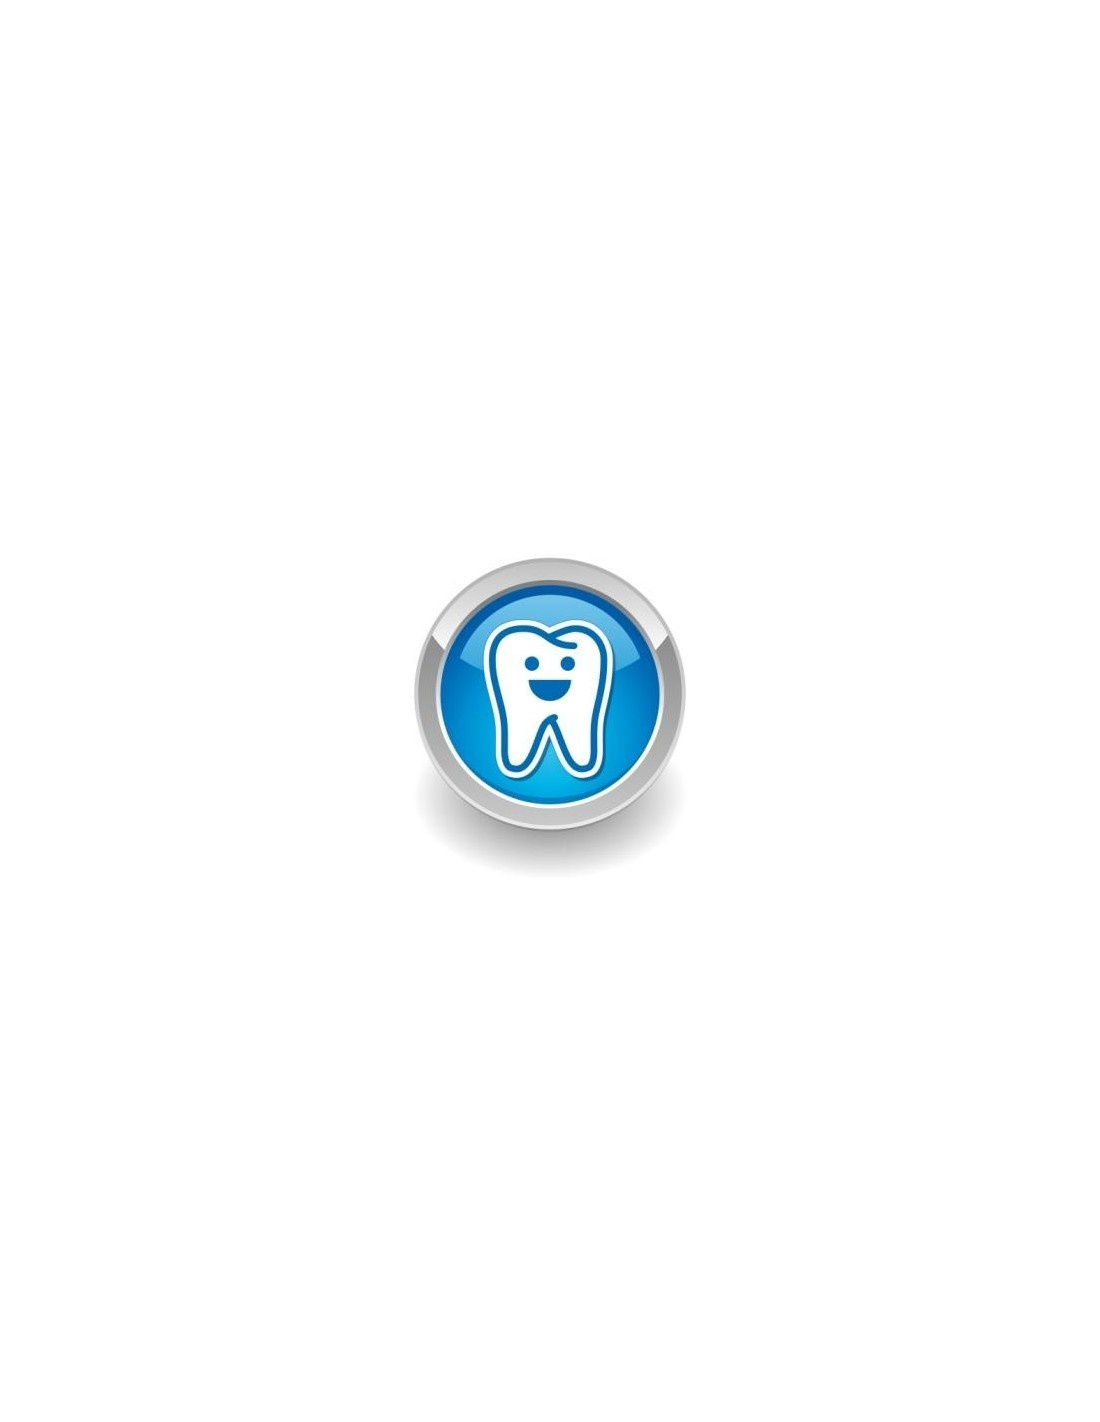 des prothesistes Prothésiste dentaire  prothésiste dentaire en 6 points clés 1  l'unppd  représente l'ensemble des prothésistes dentaires auprès des pouvoirs publics et  des.